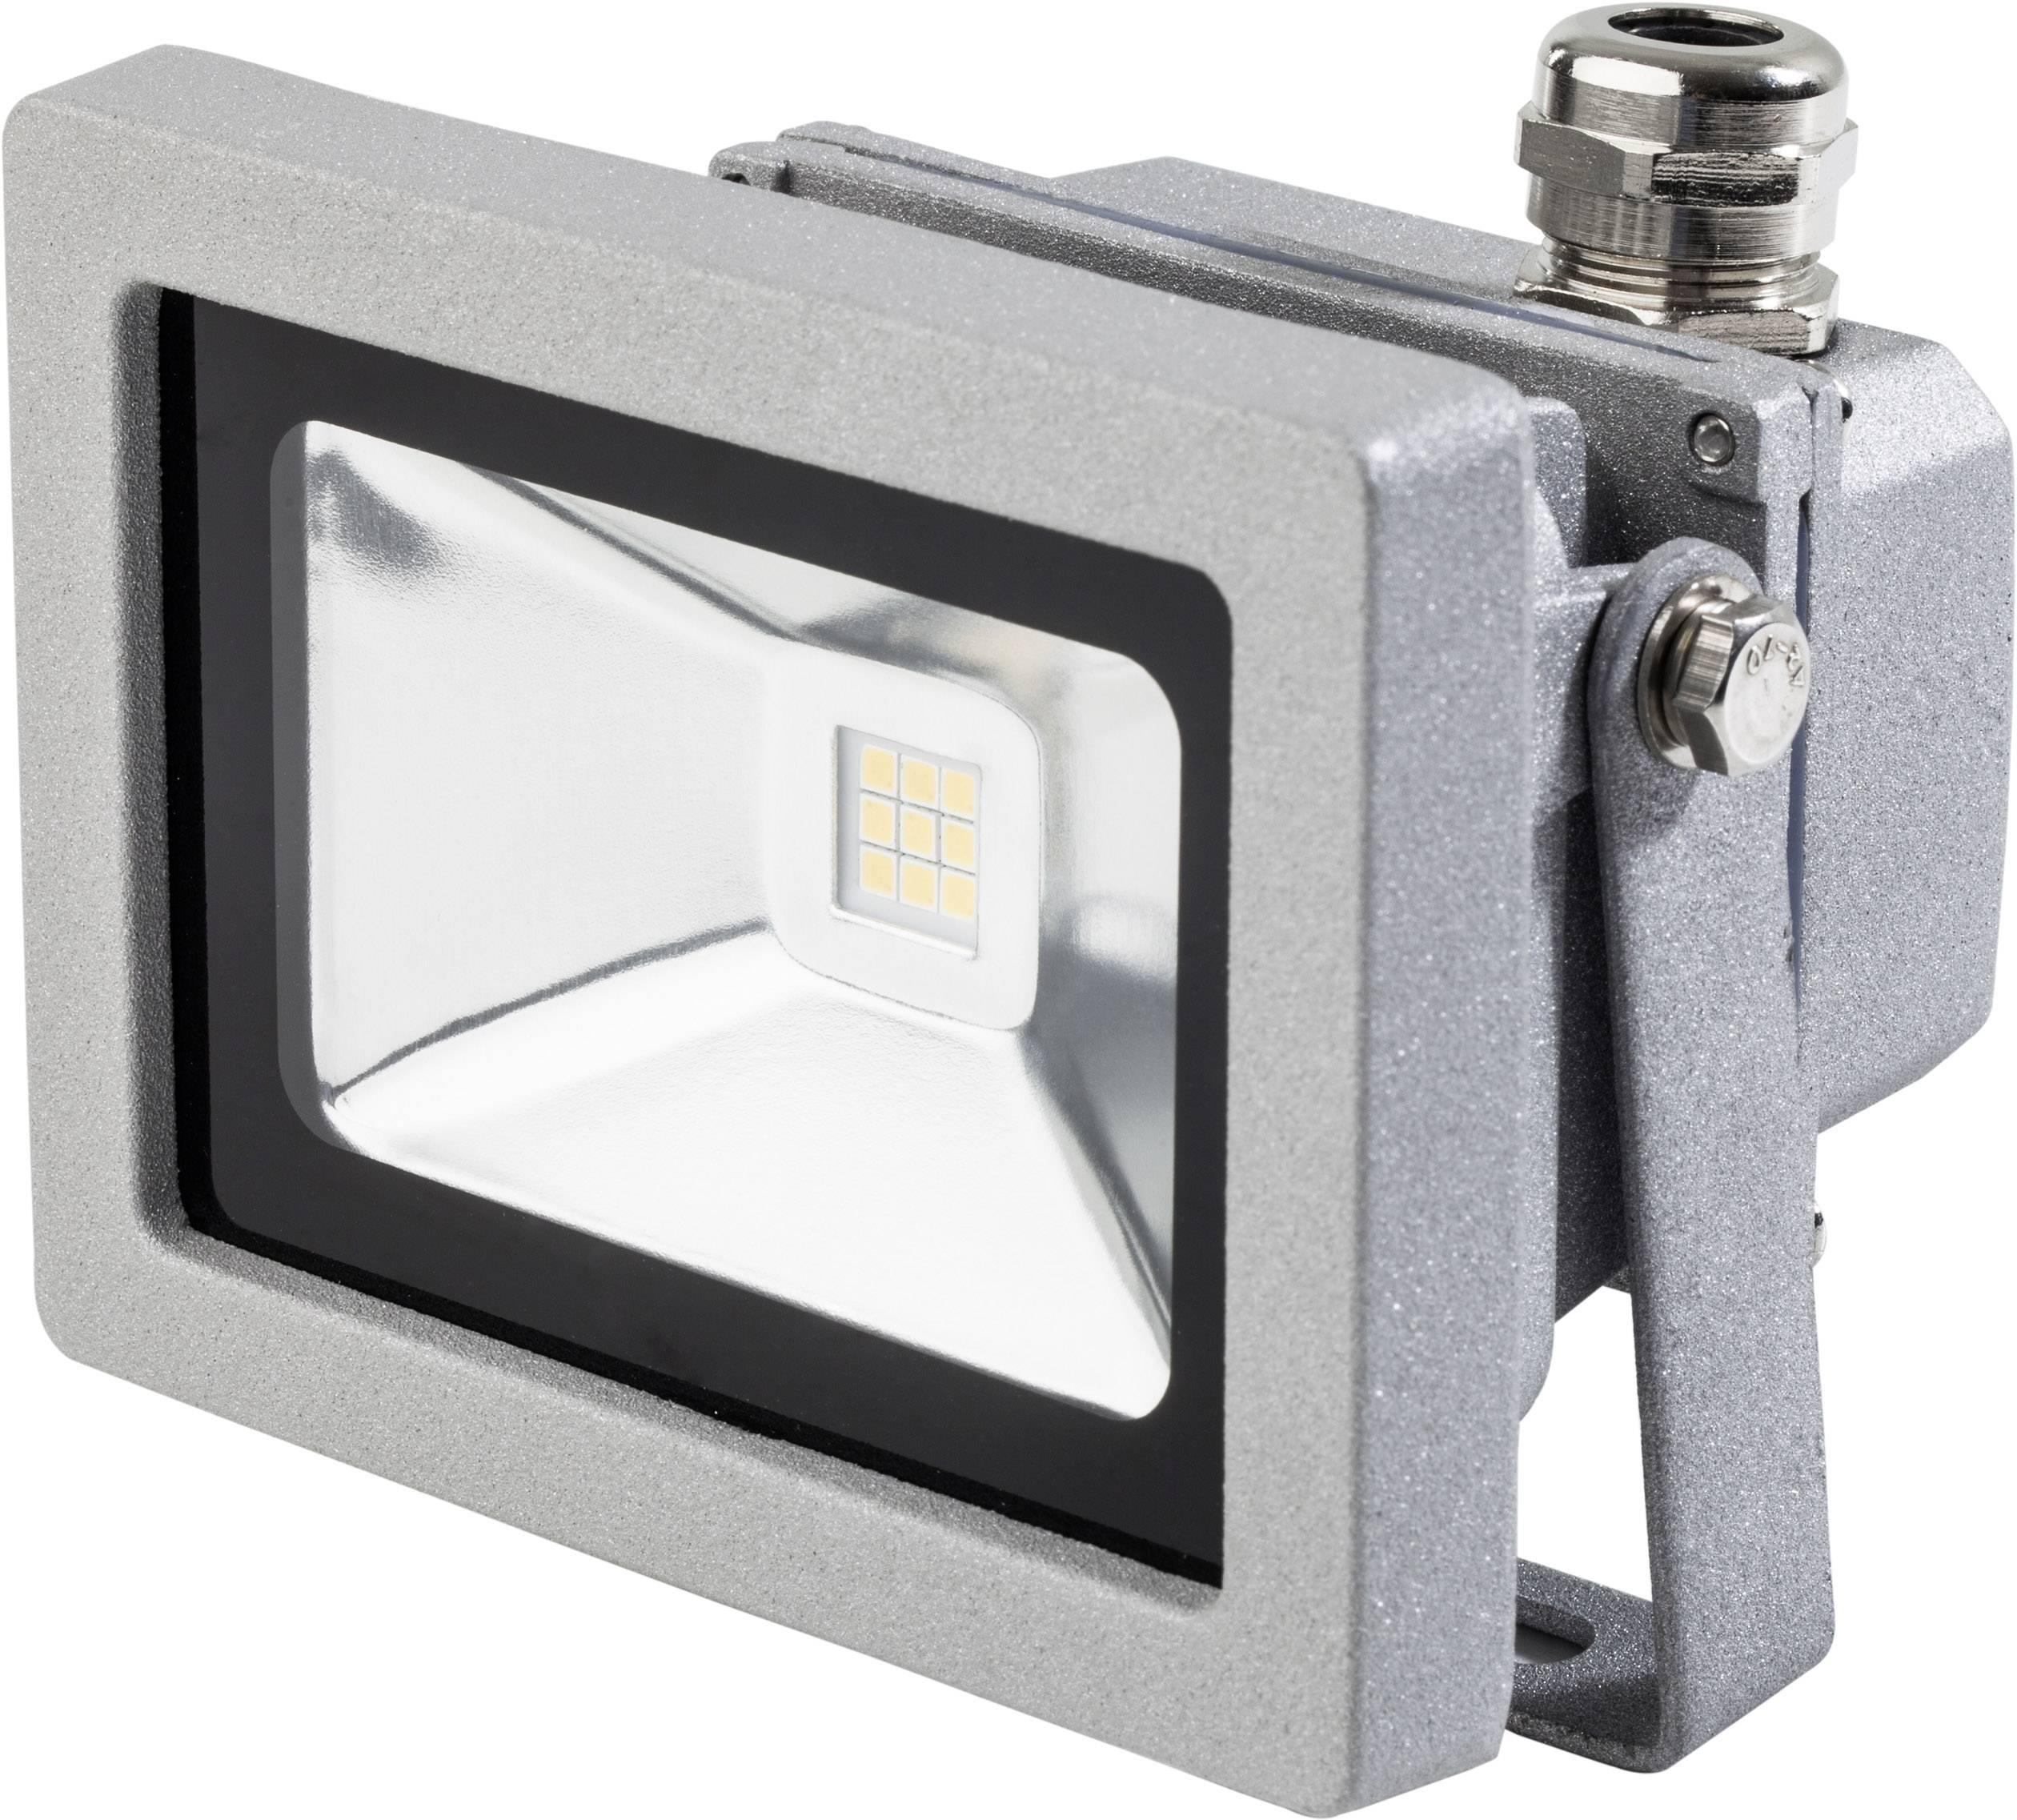 LEDvonkajšieosvetlenie 12 W neutrálne biela as - Schwabe 46915 strieborná